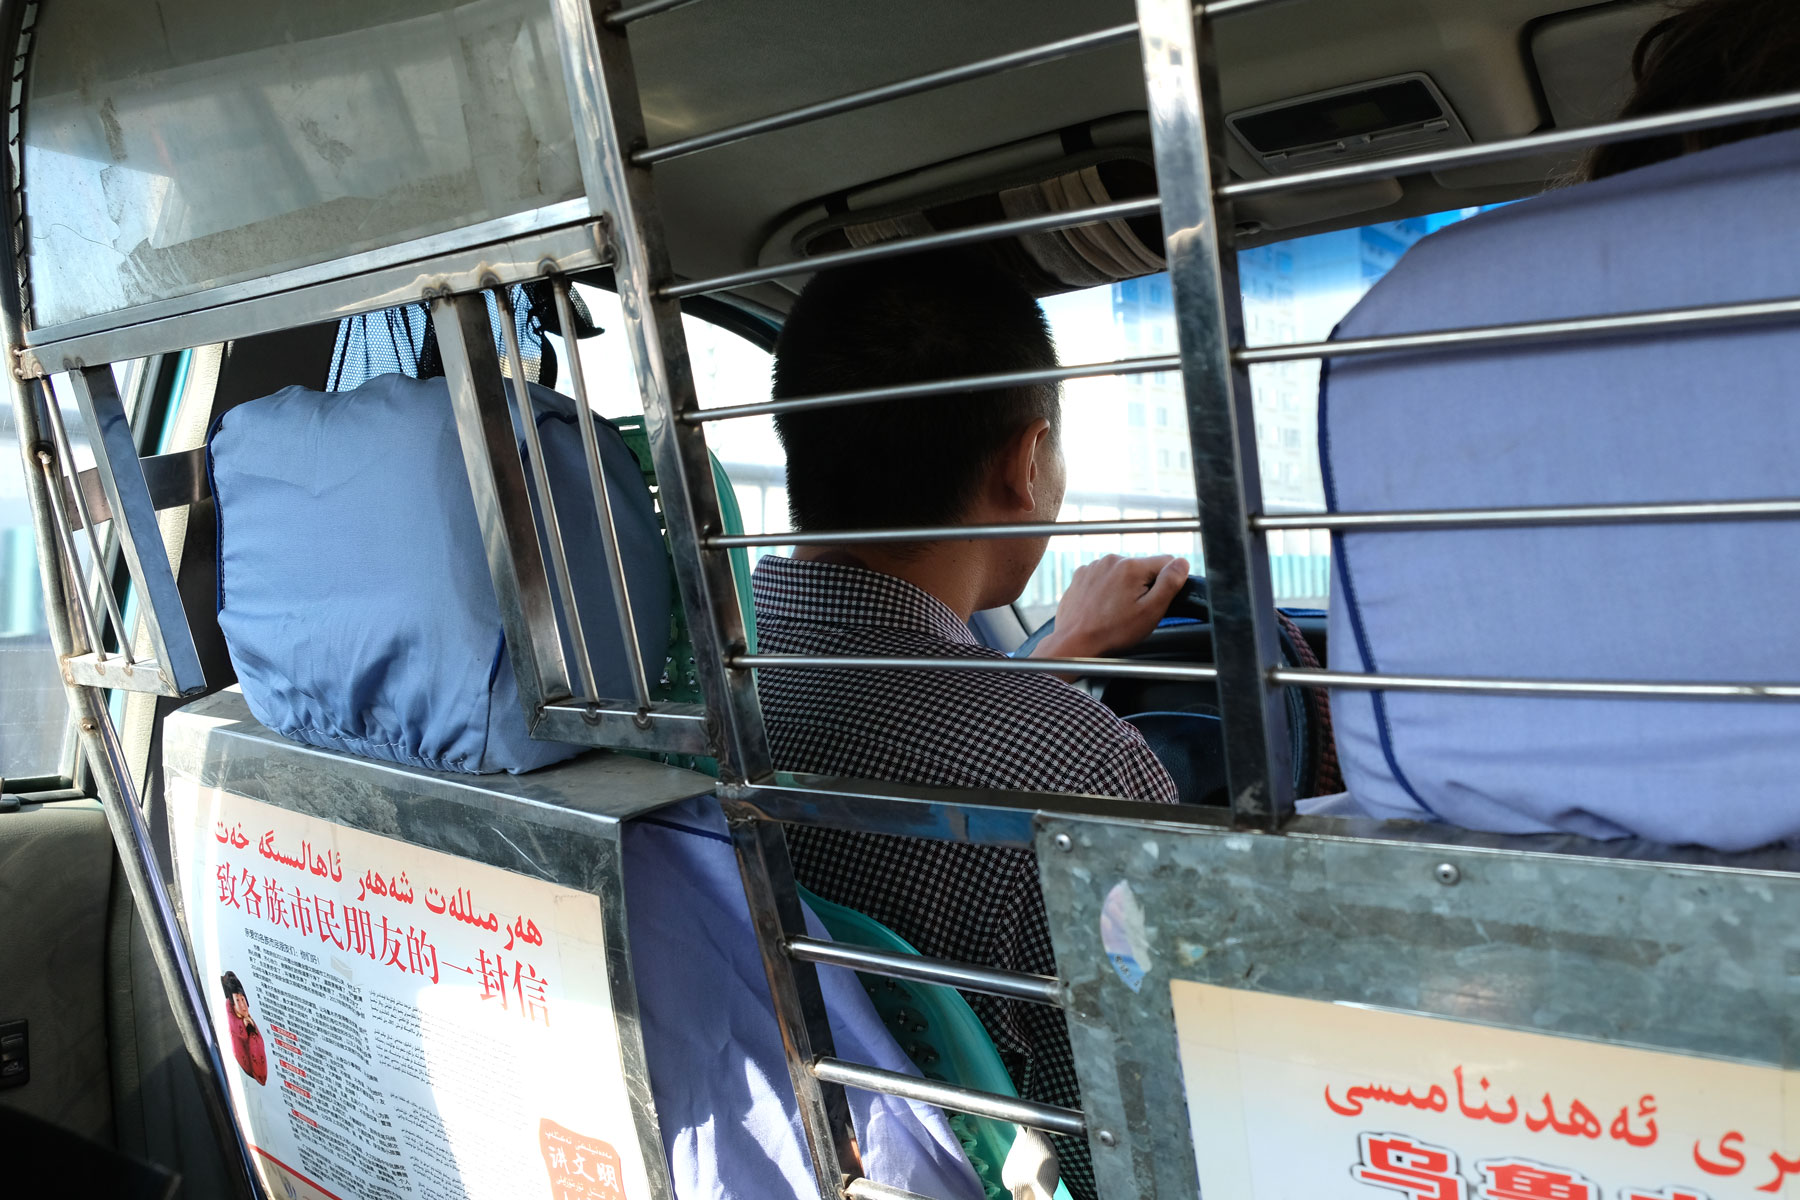 Anreise zum Bahnhof Urumqi: Die Sicherheitsvorgehrungen in Xinjiang sind enorm